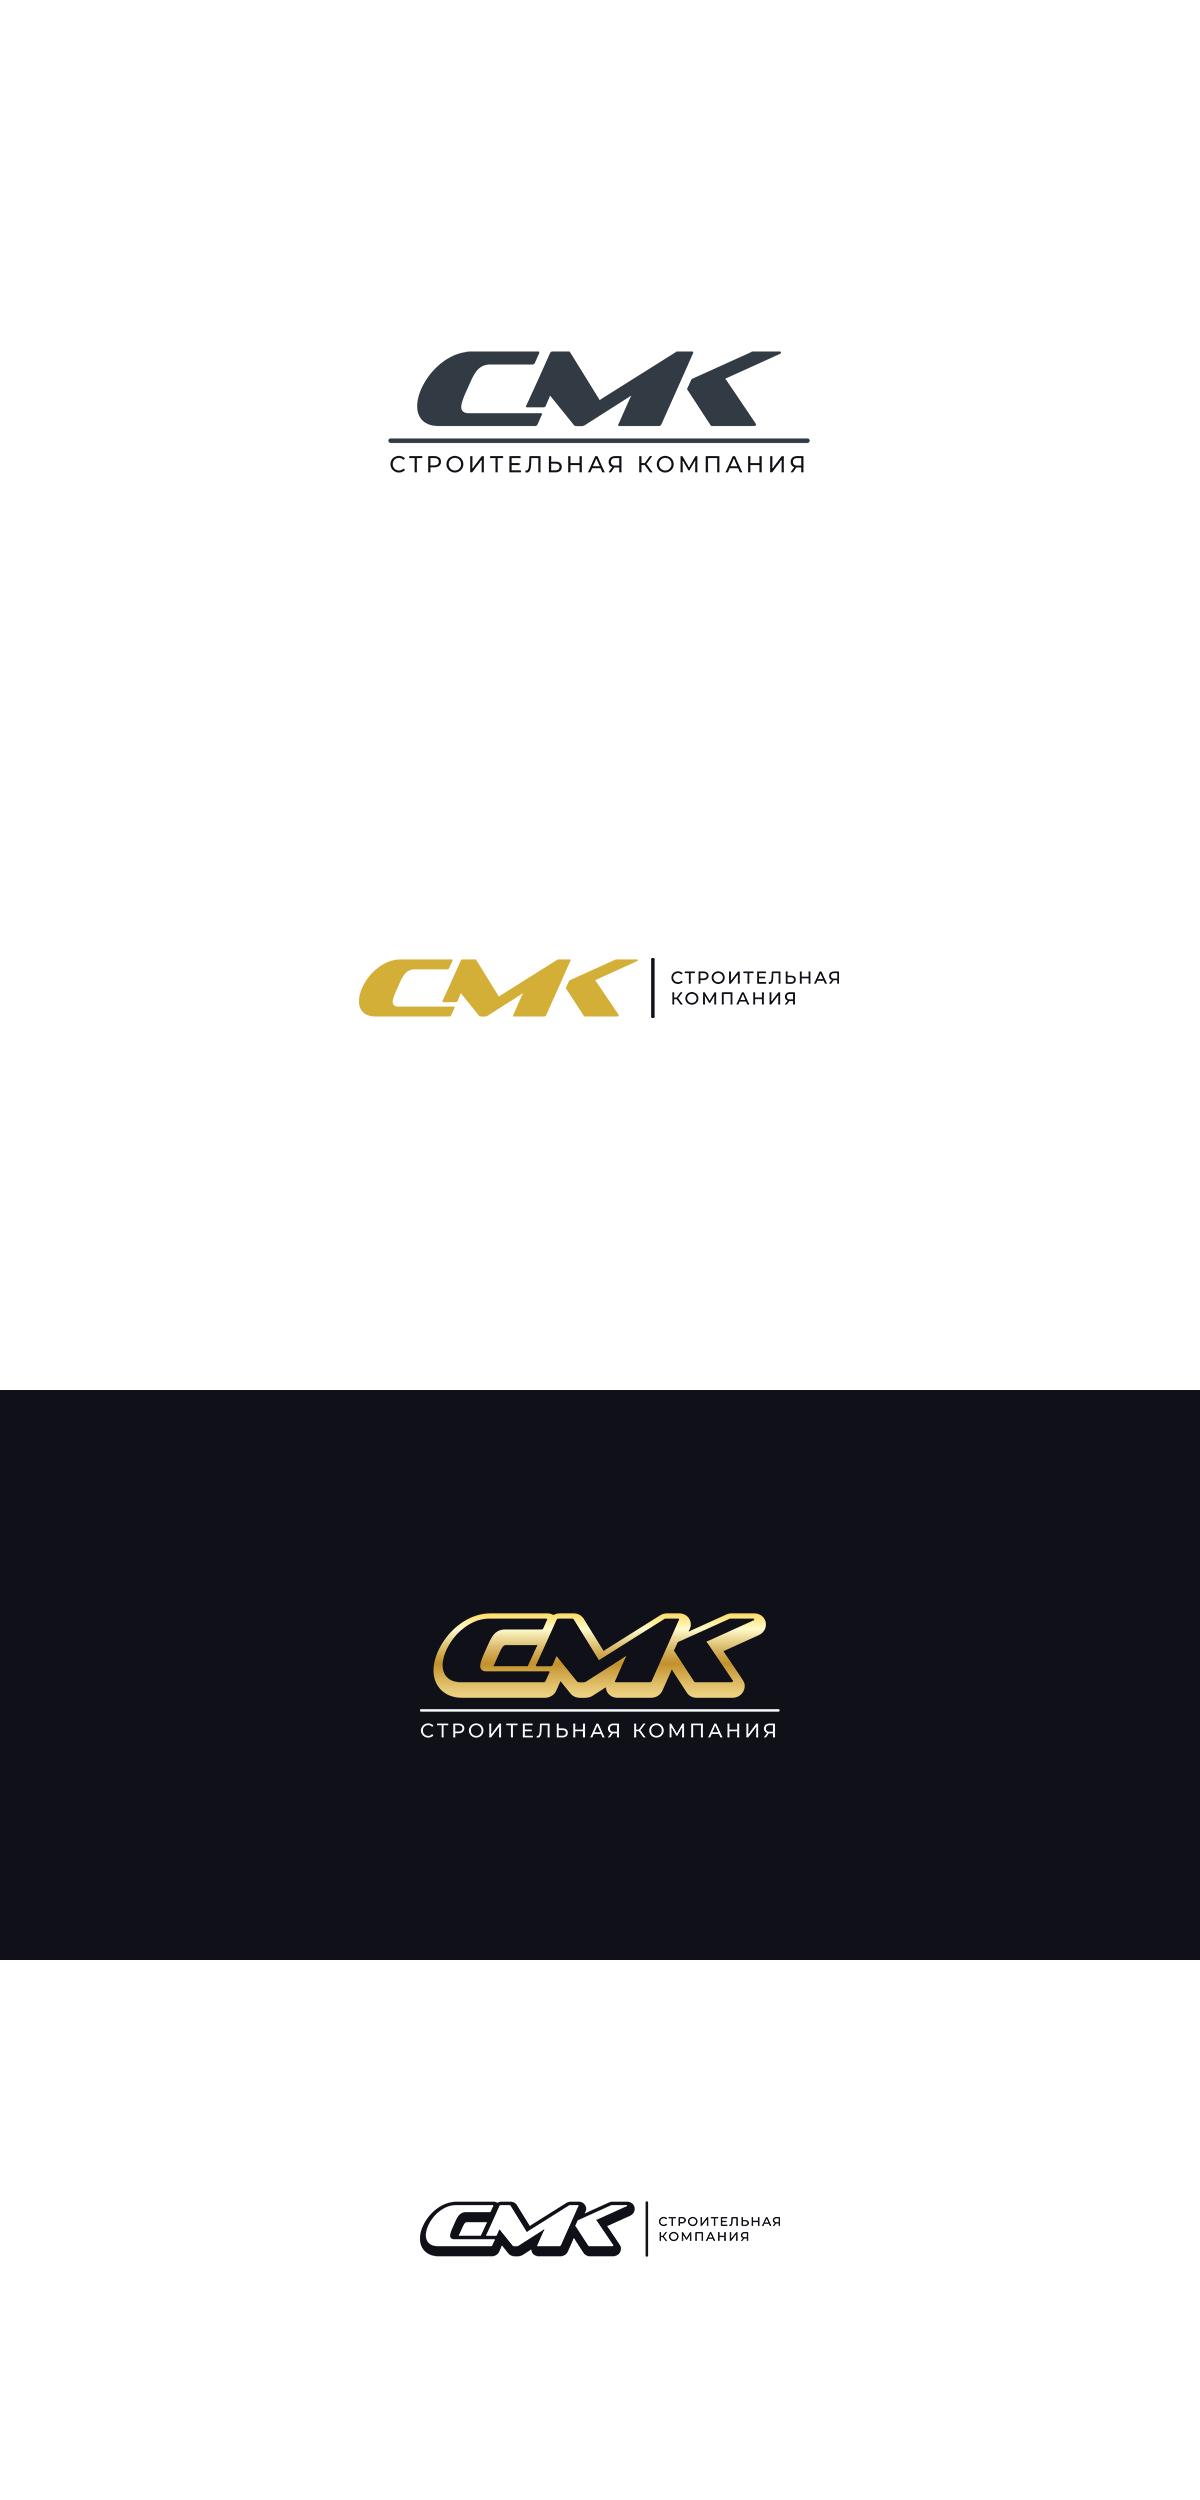 Разработка логотипа компании фото f_9705de14b2ebfee8.png